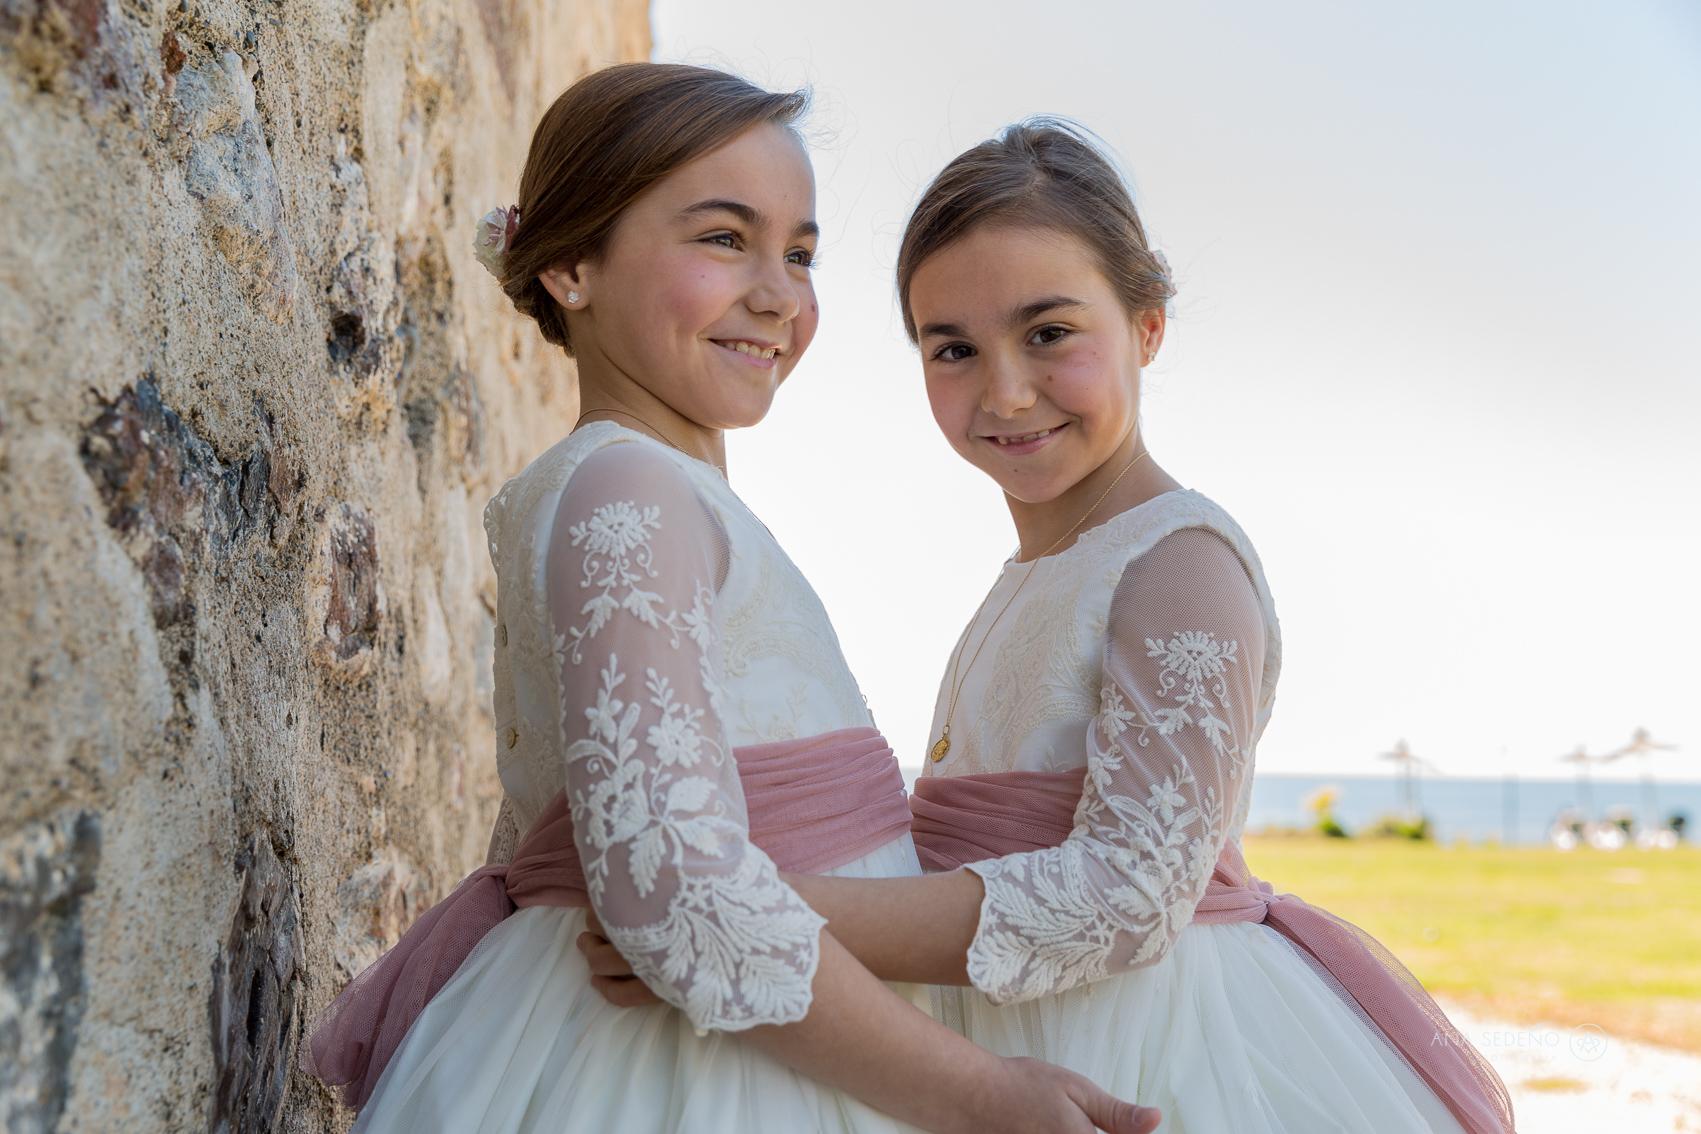 Ana Sedeño Fotografa.-Irene&Lucia0217